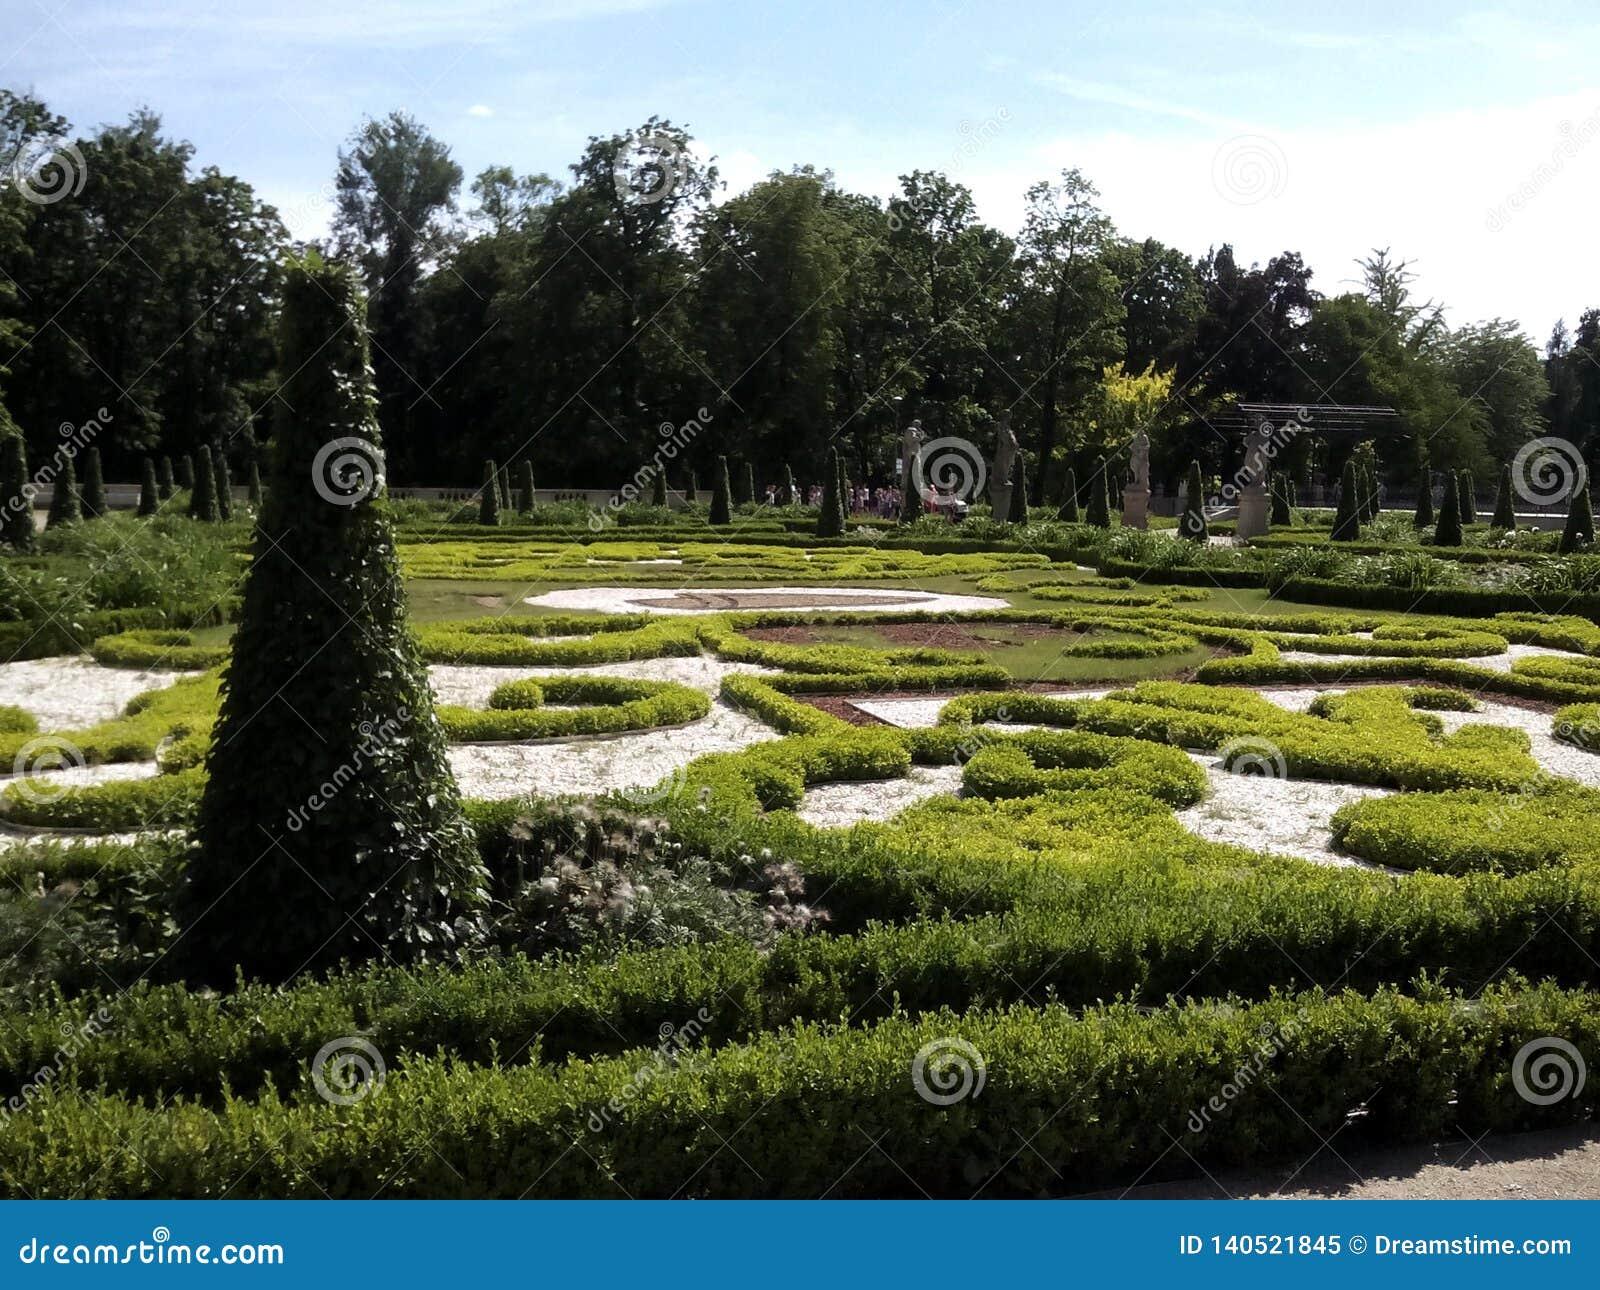 Piękne ogrody wokół pałacu w Wilanowie.Beautiful gardens around the palace in Wilanów.